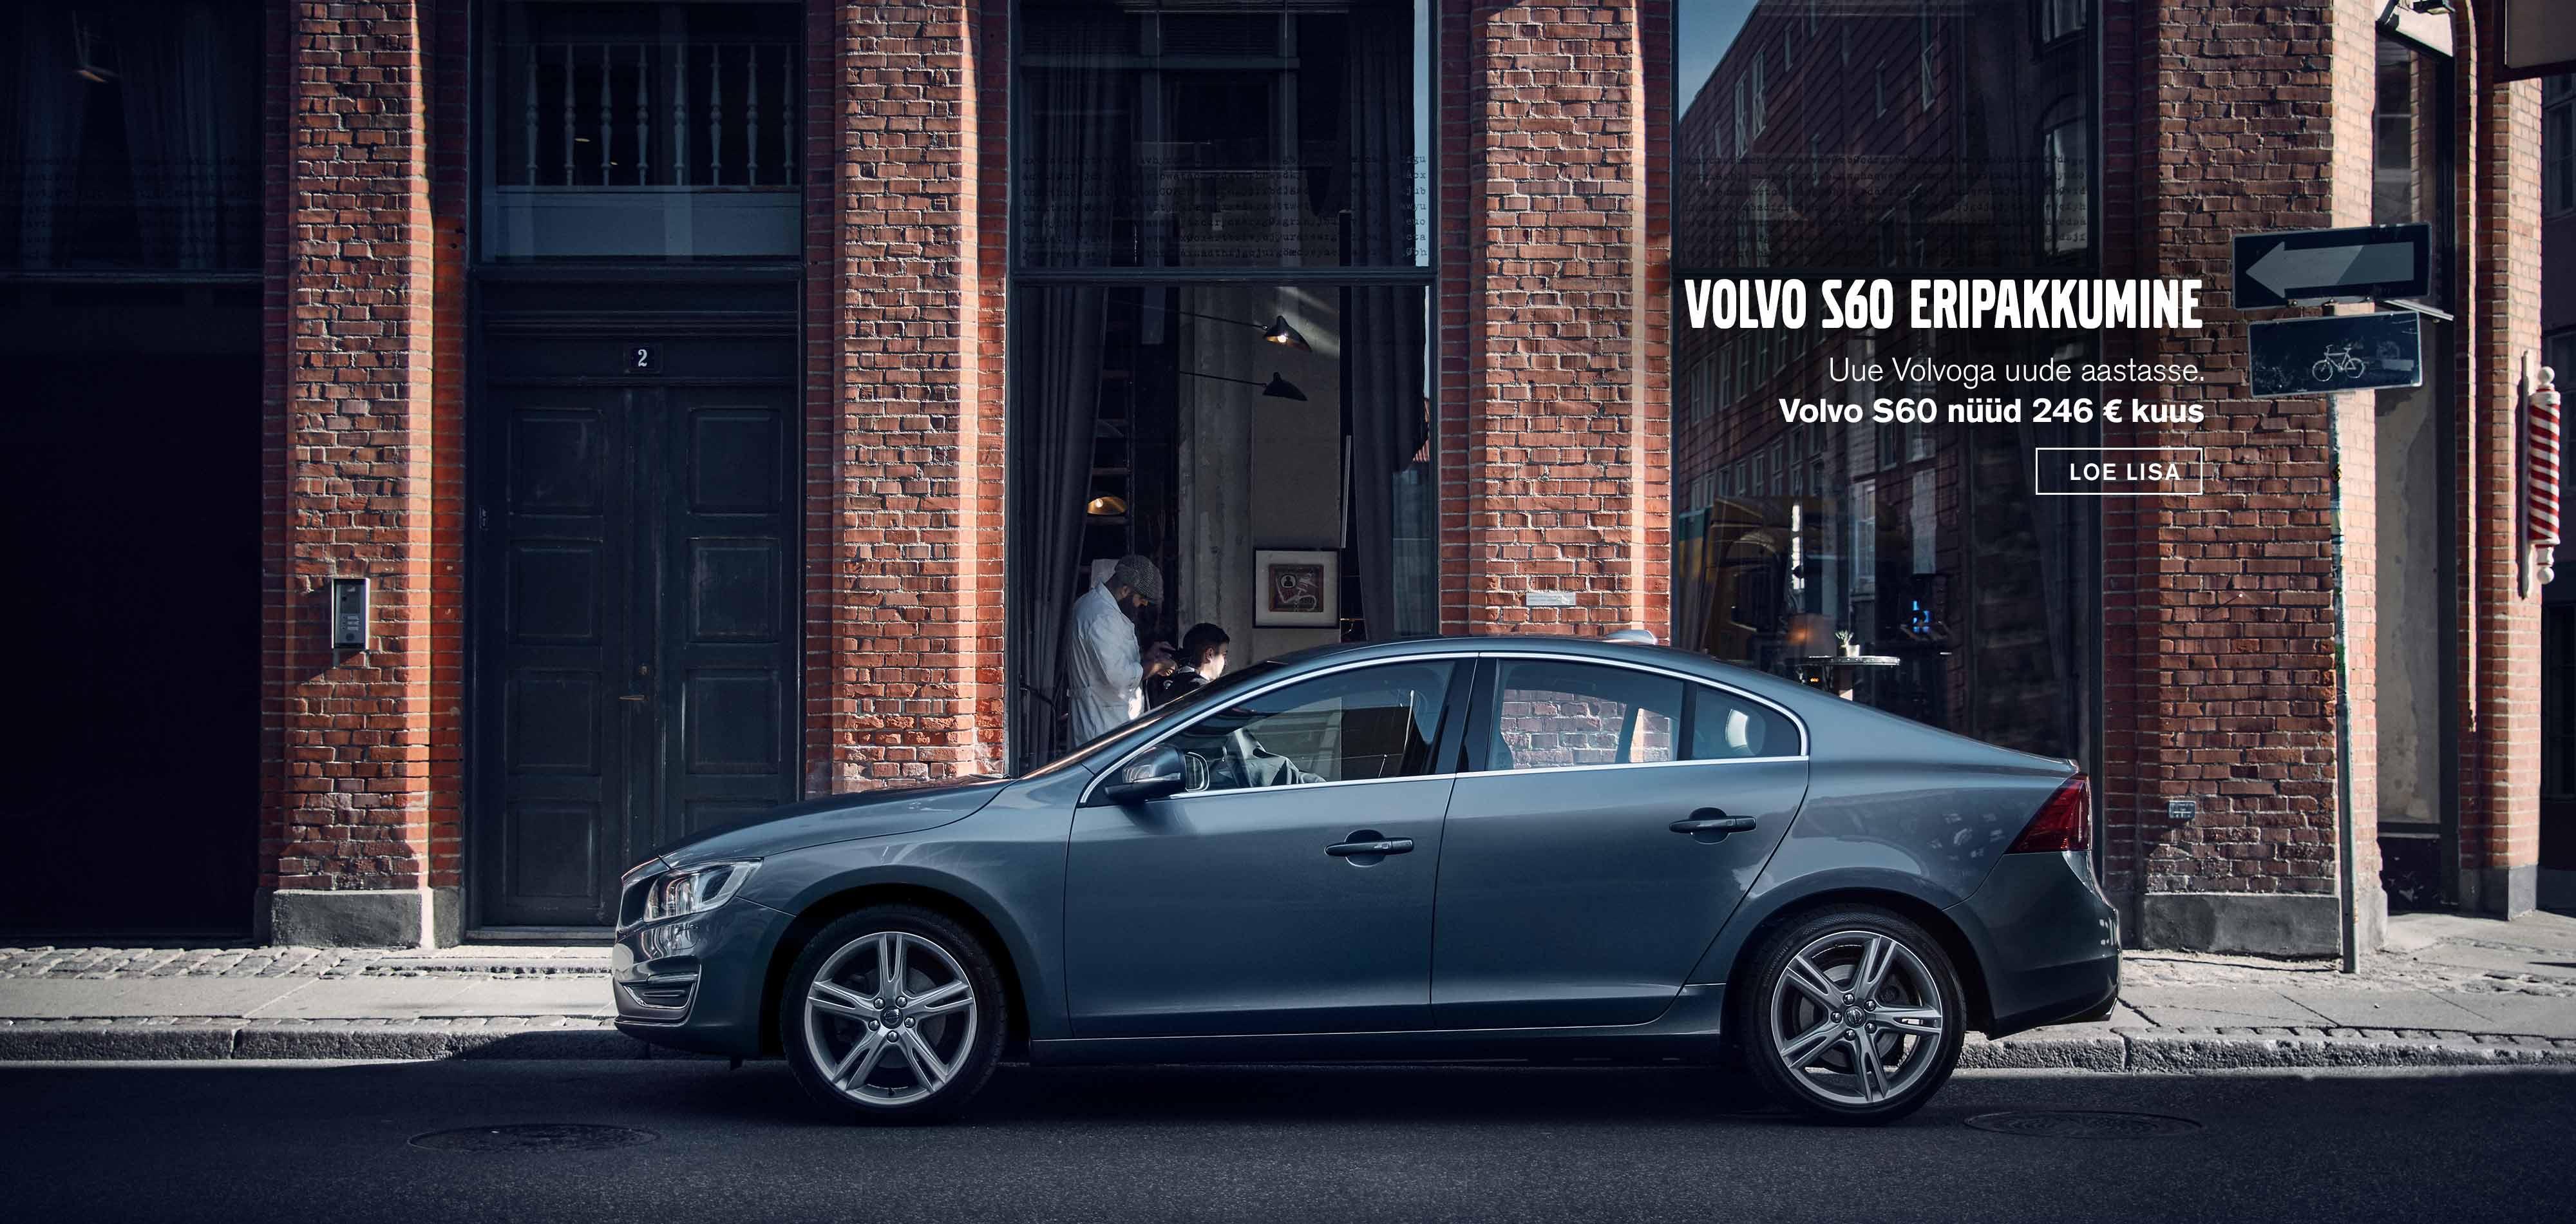 Volvo S60 eripakkumine